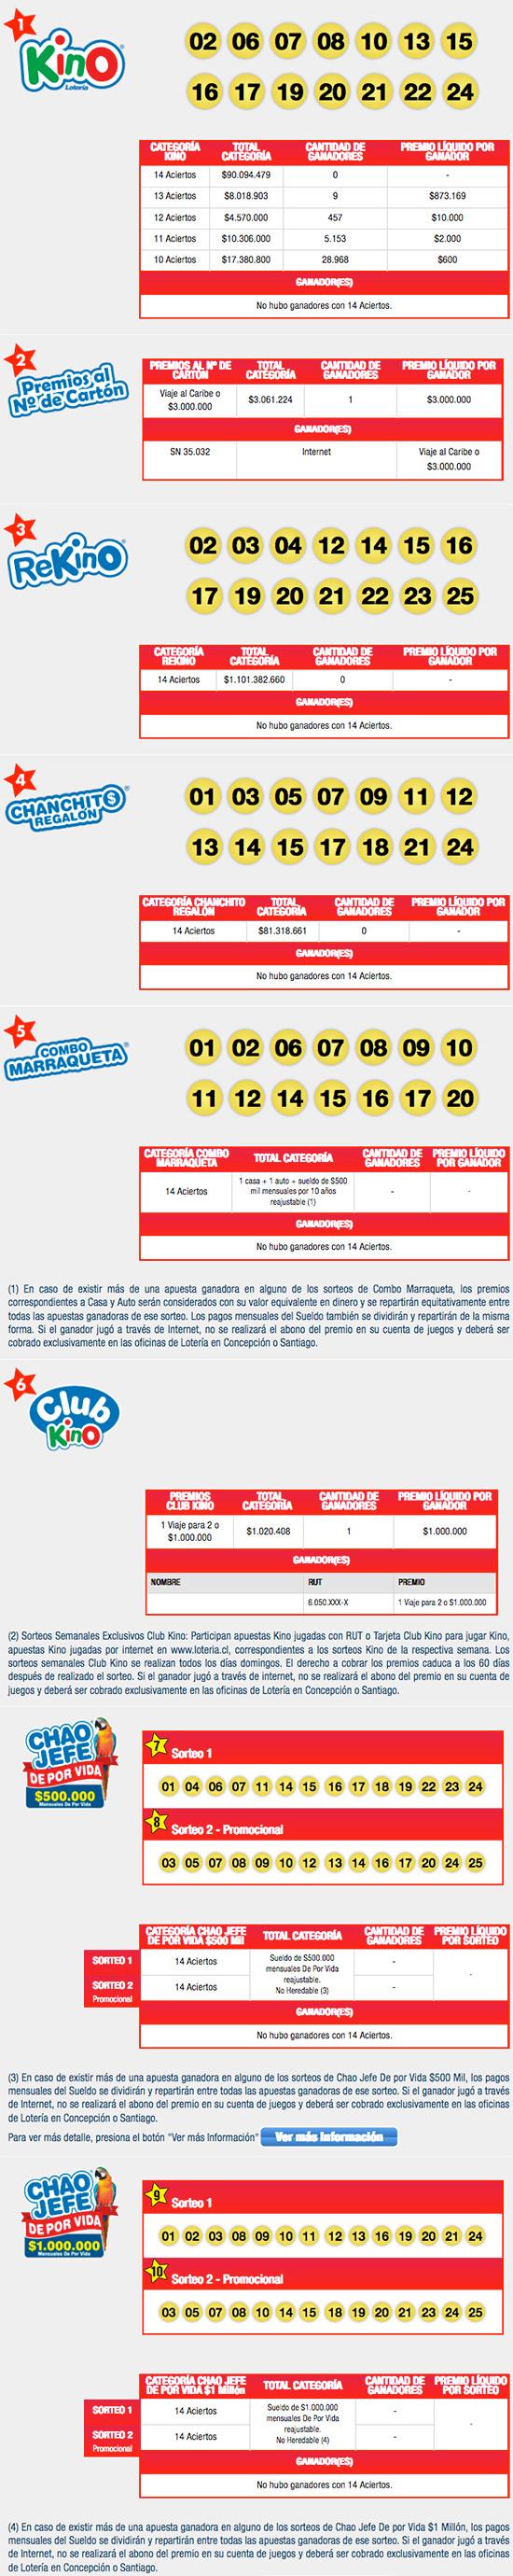 Resultados Kino Chile Sorteo 2091